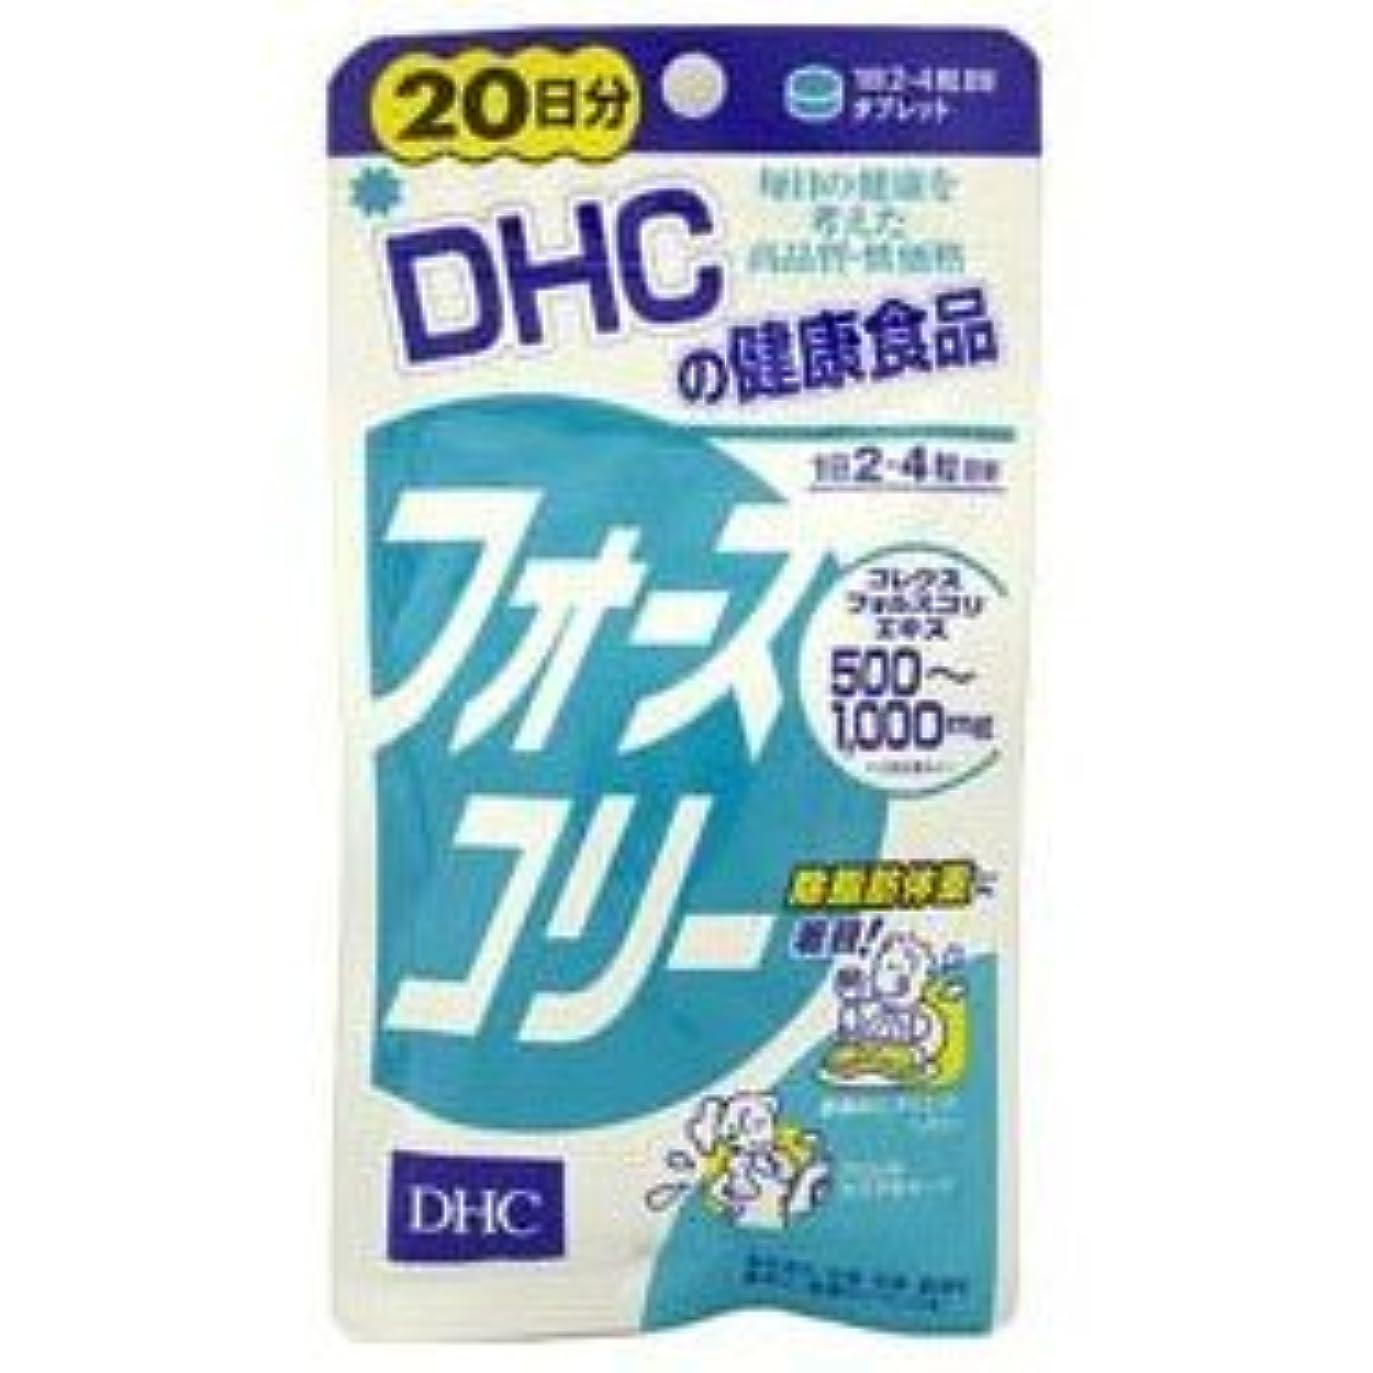 お父さんカプラーかみそり【DHC】フォースコリー 20日分 (32.4g) ×20個セット